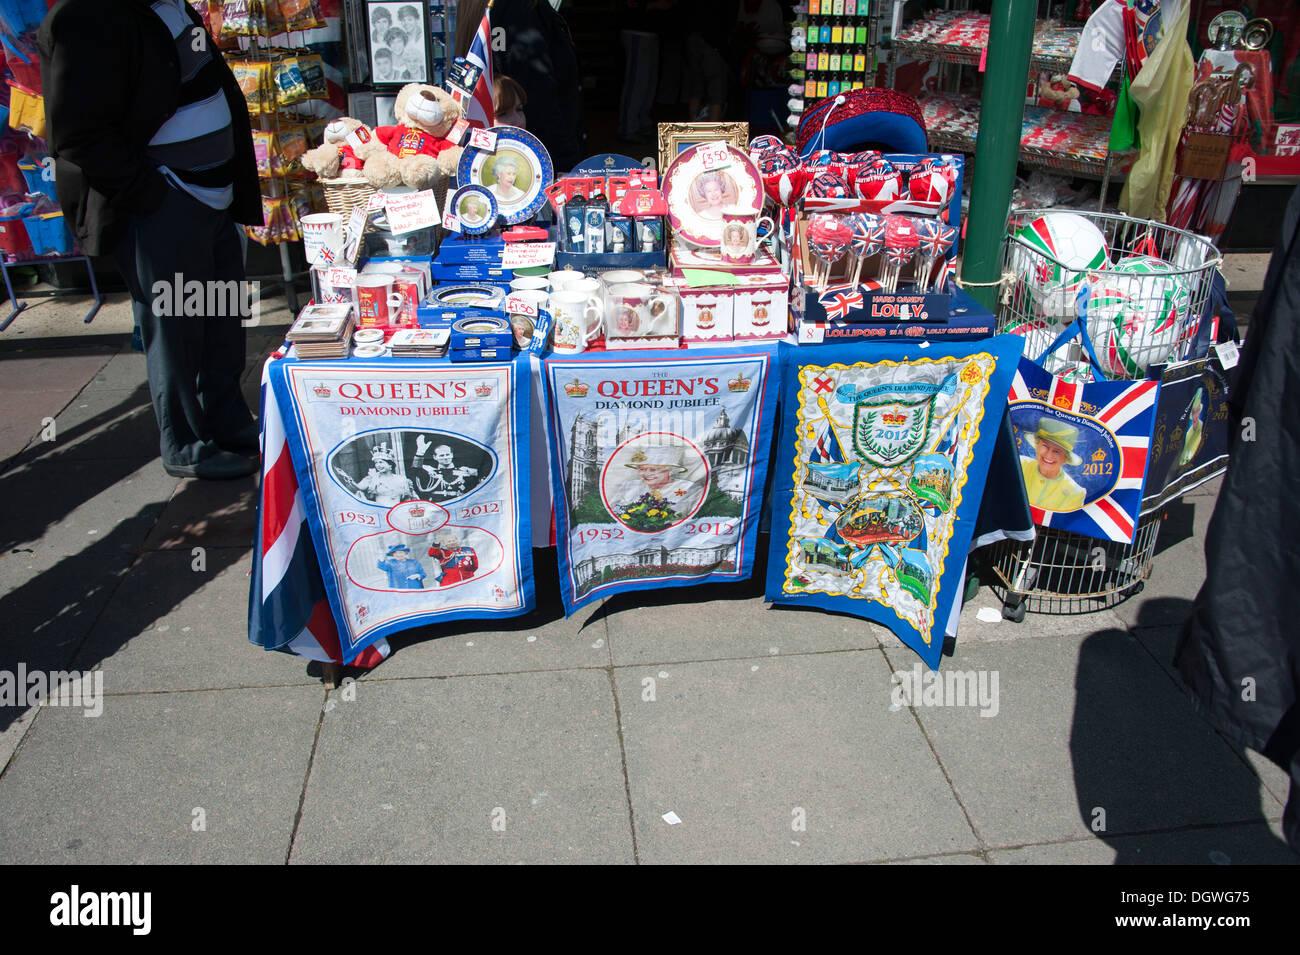 Queen Diamond Jubilee 2012 Tea Towel Towels Gifts - Stock Image